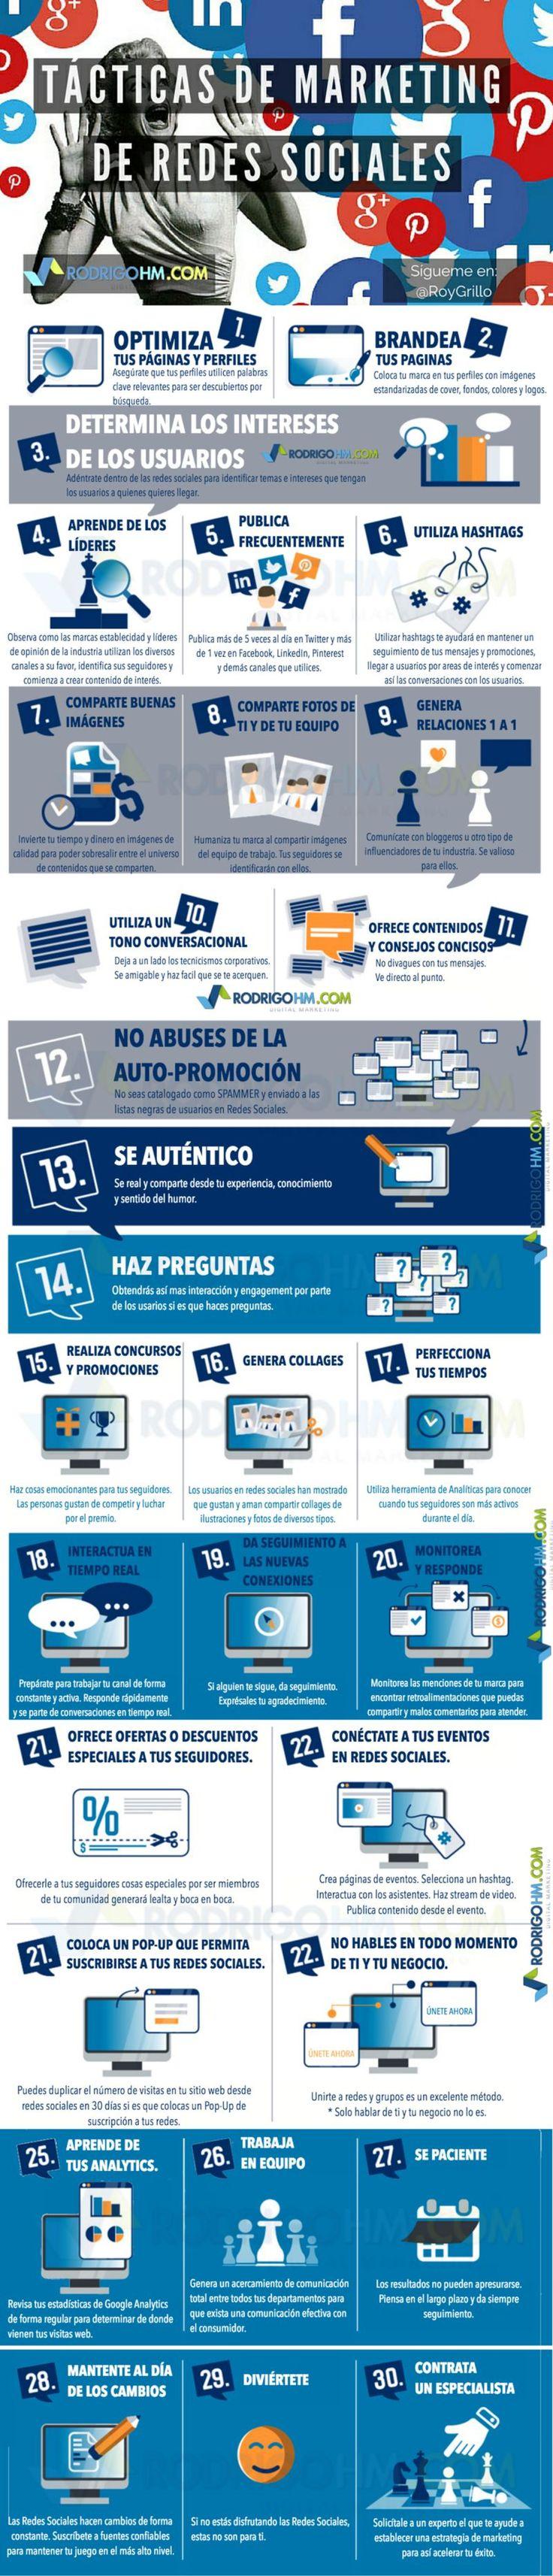 30 Tácticas de Marketing en Redes Sociales